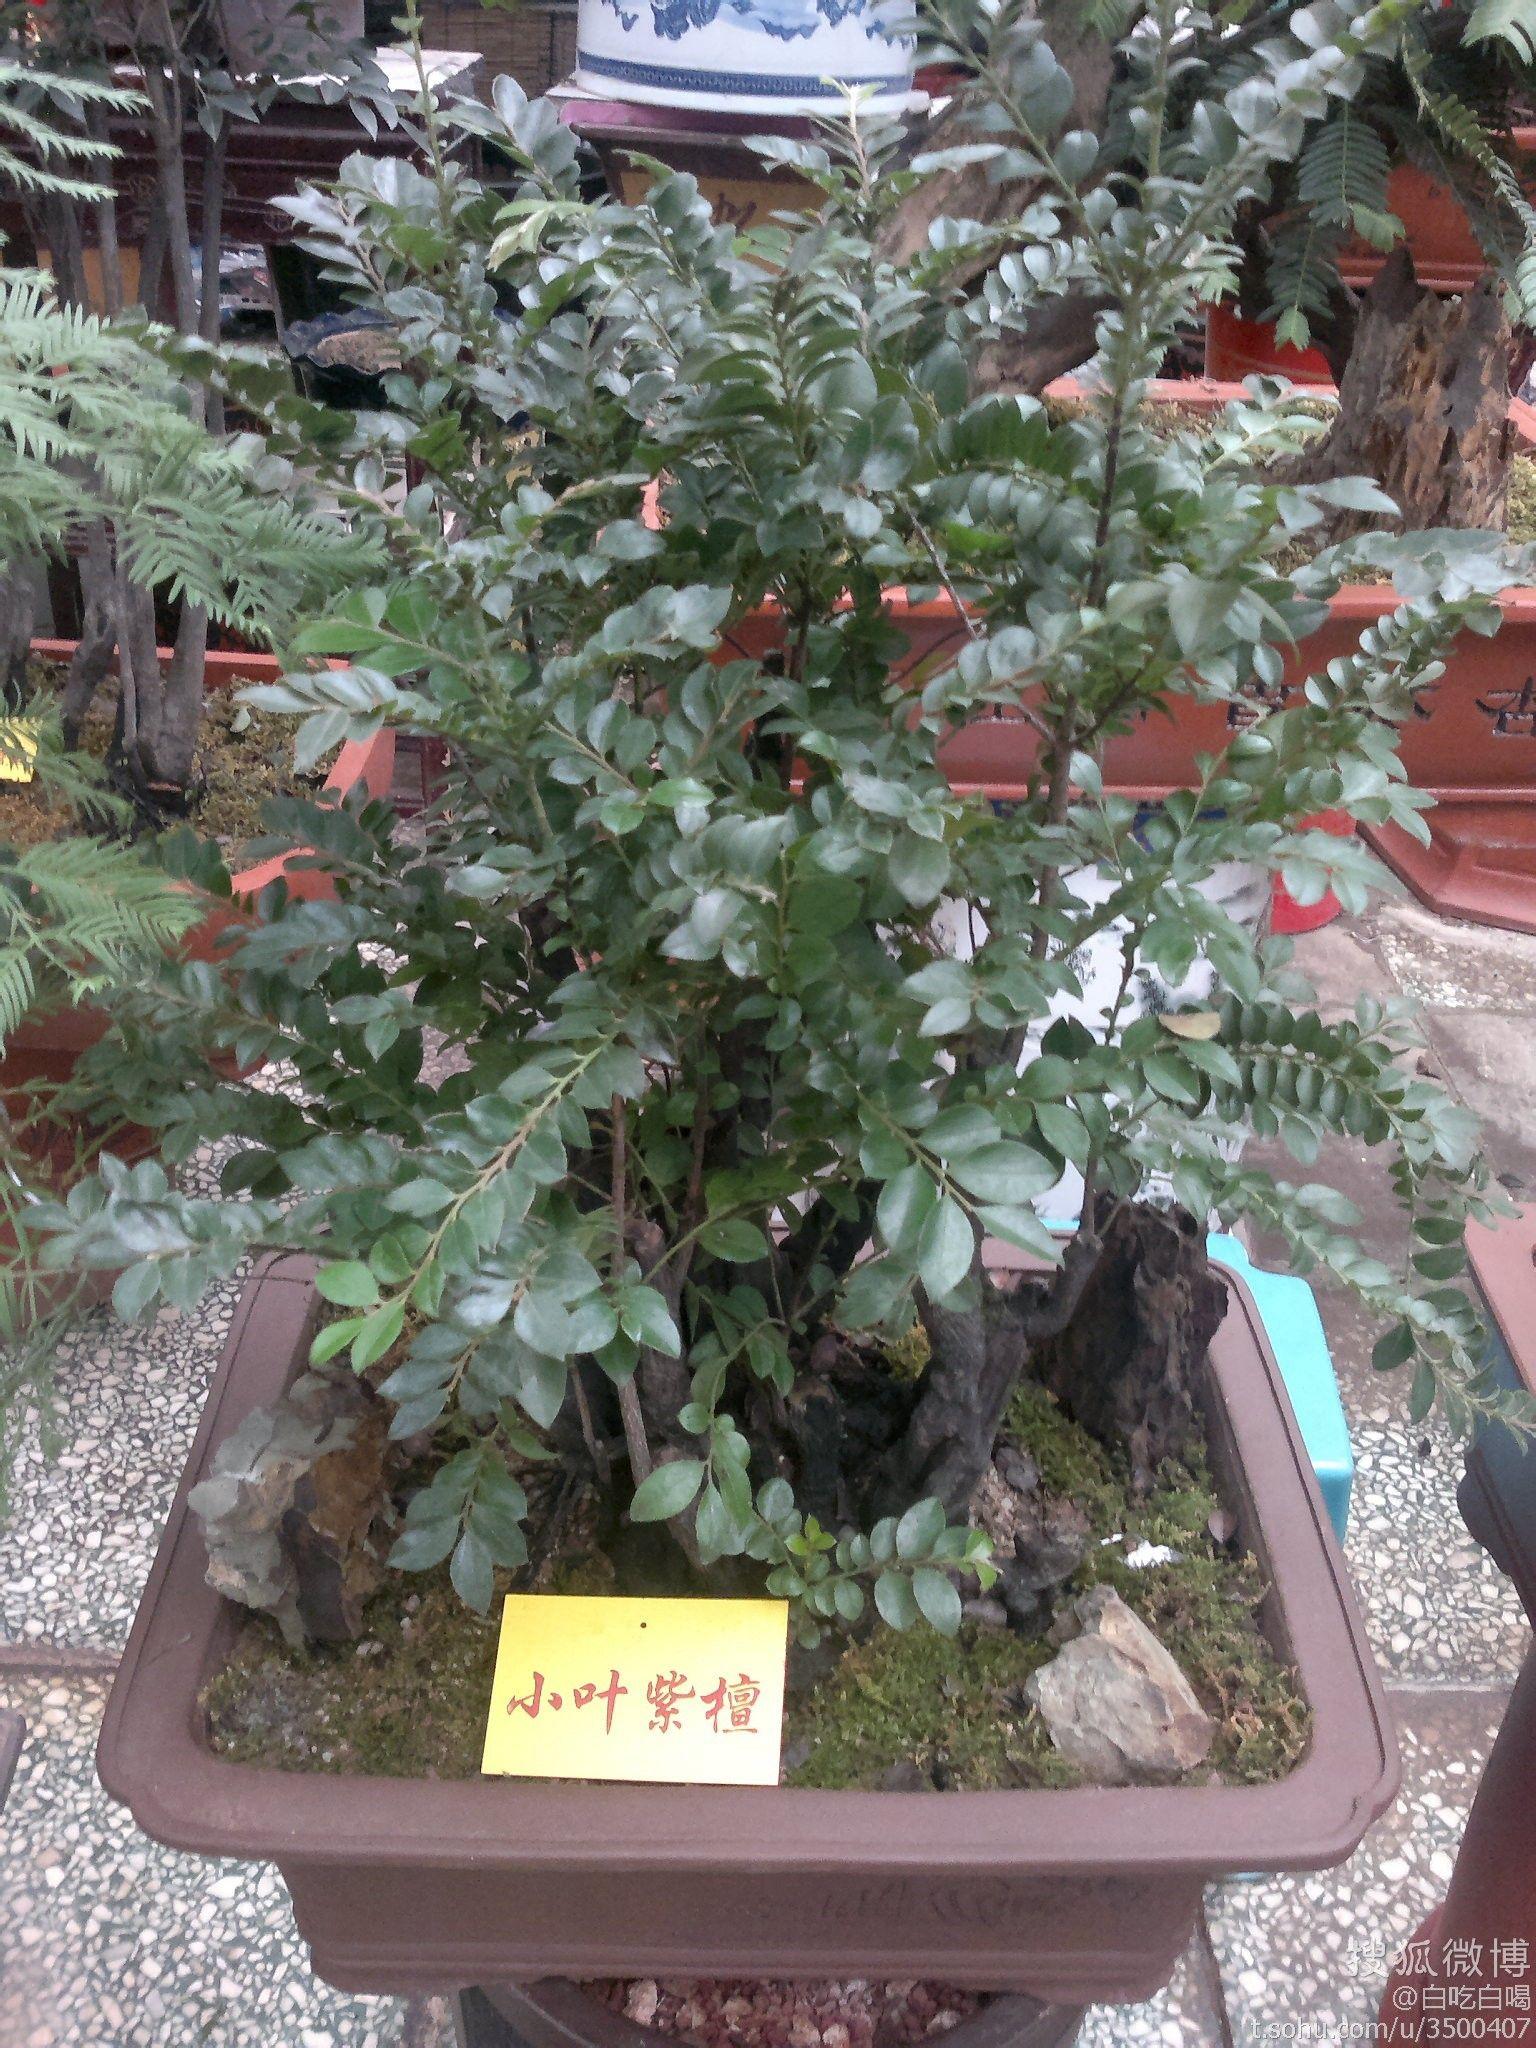 小叶紫檀_小叶紫檀树是什么样子?_百度知道